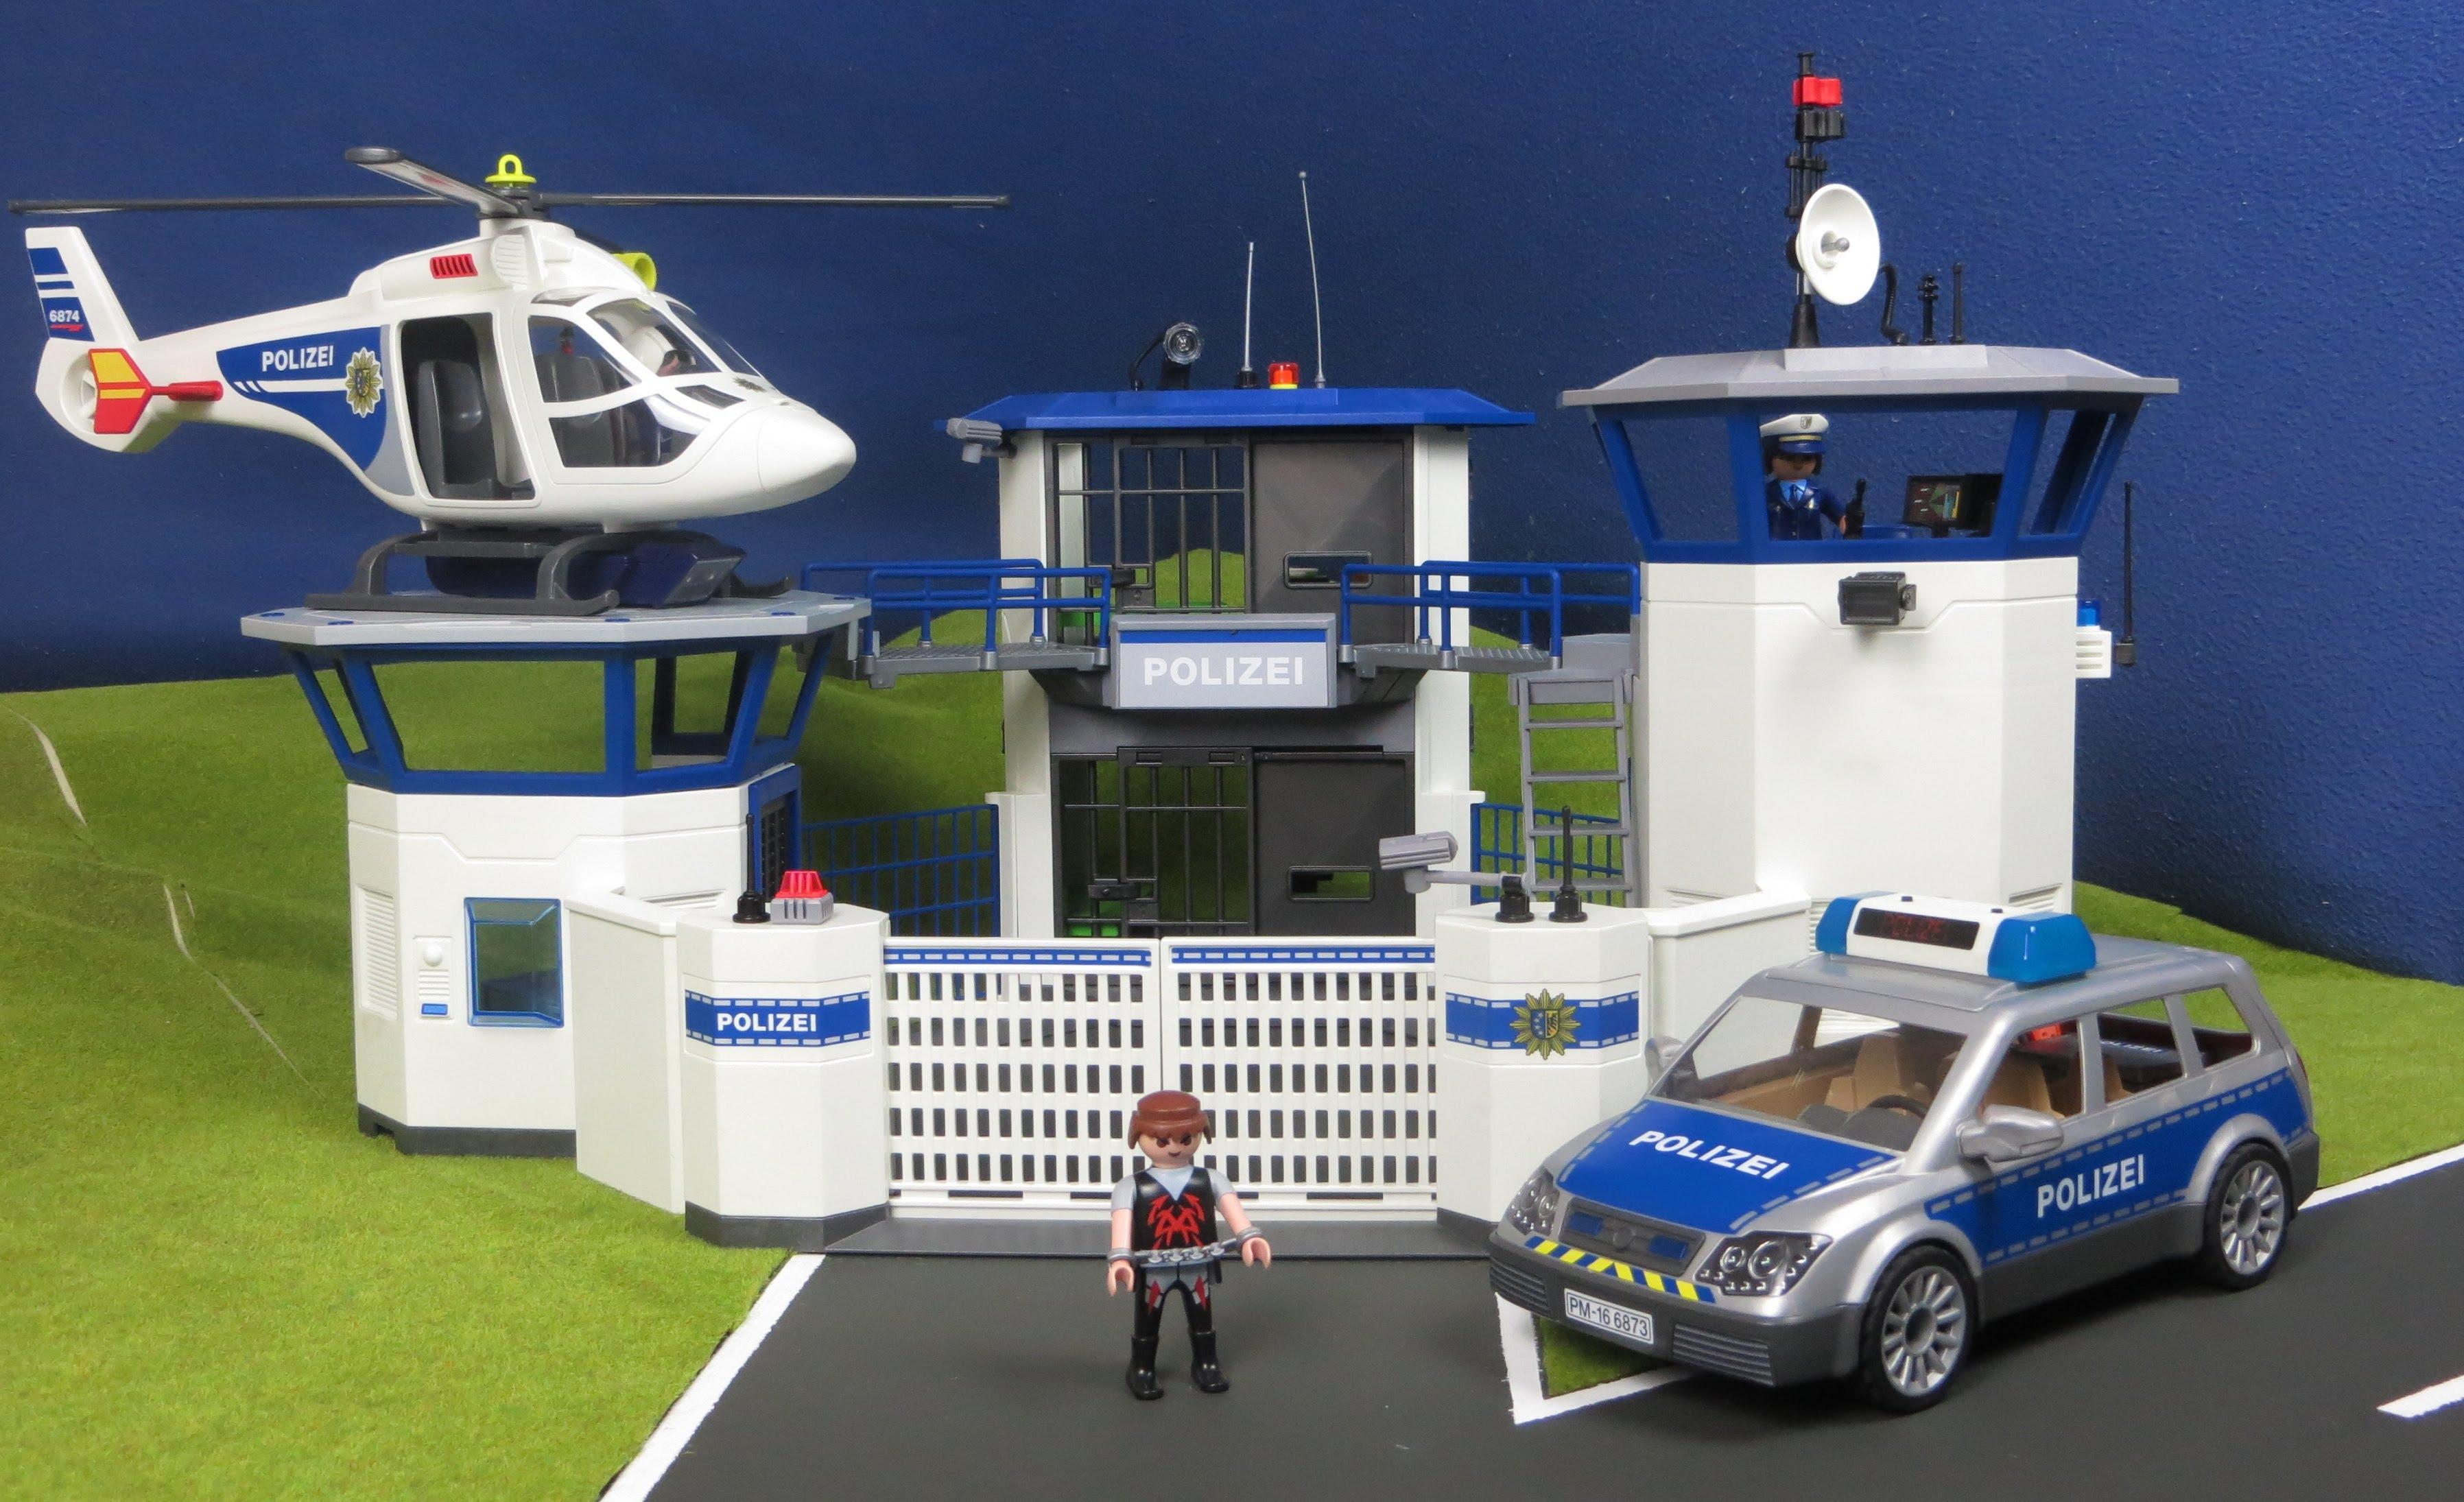 Ausmalbilder Polizei Und Feuerwehr Neu Ausmalbilder Polizei Playmobil Genial Playmobil Deutsch Polizei Das Bild